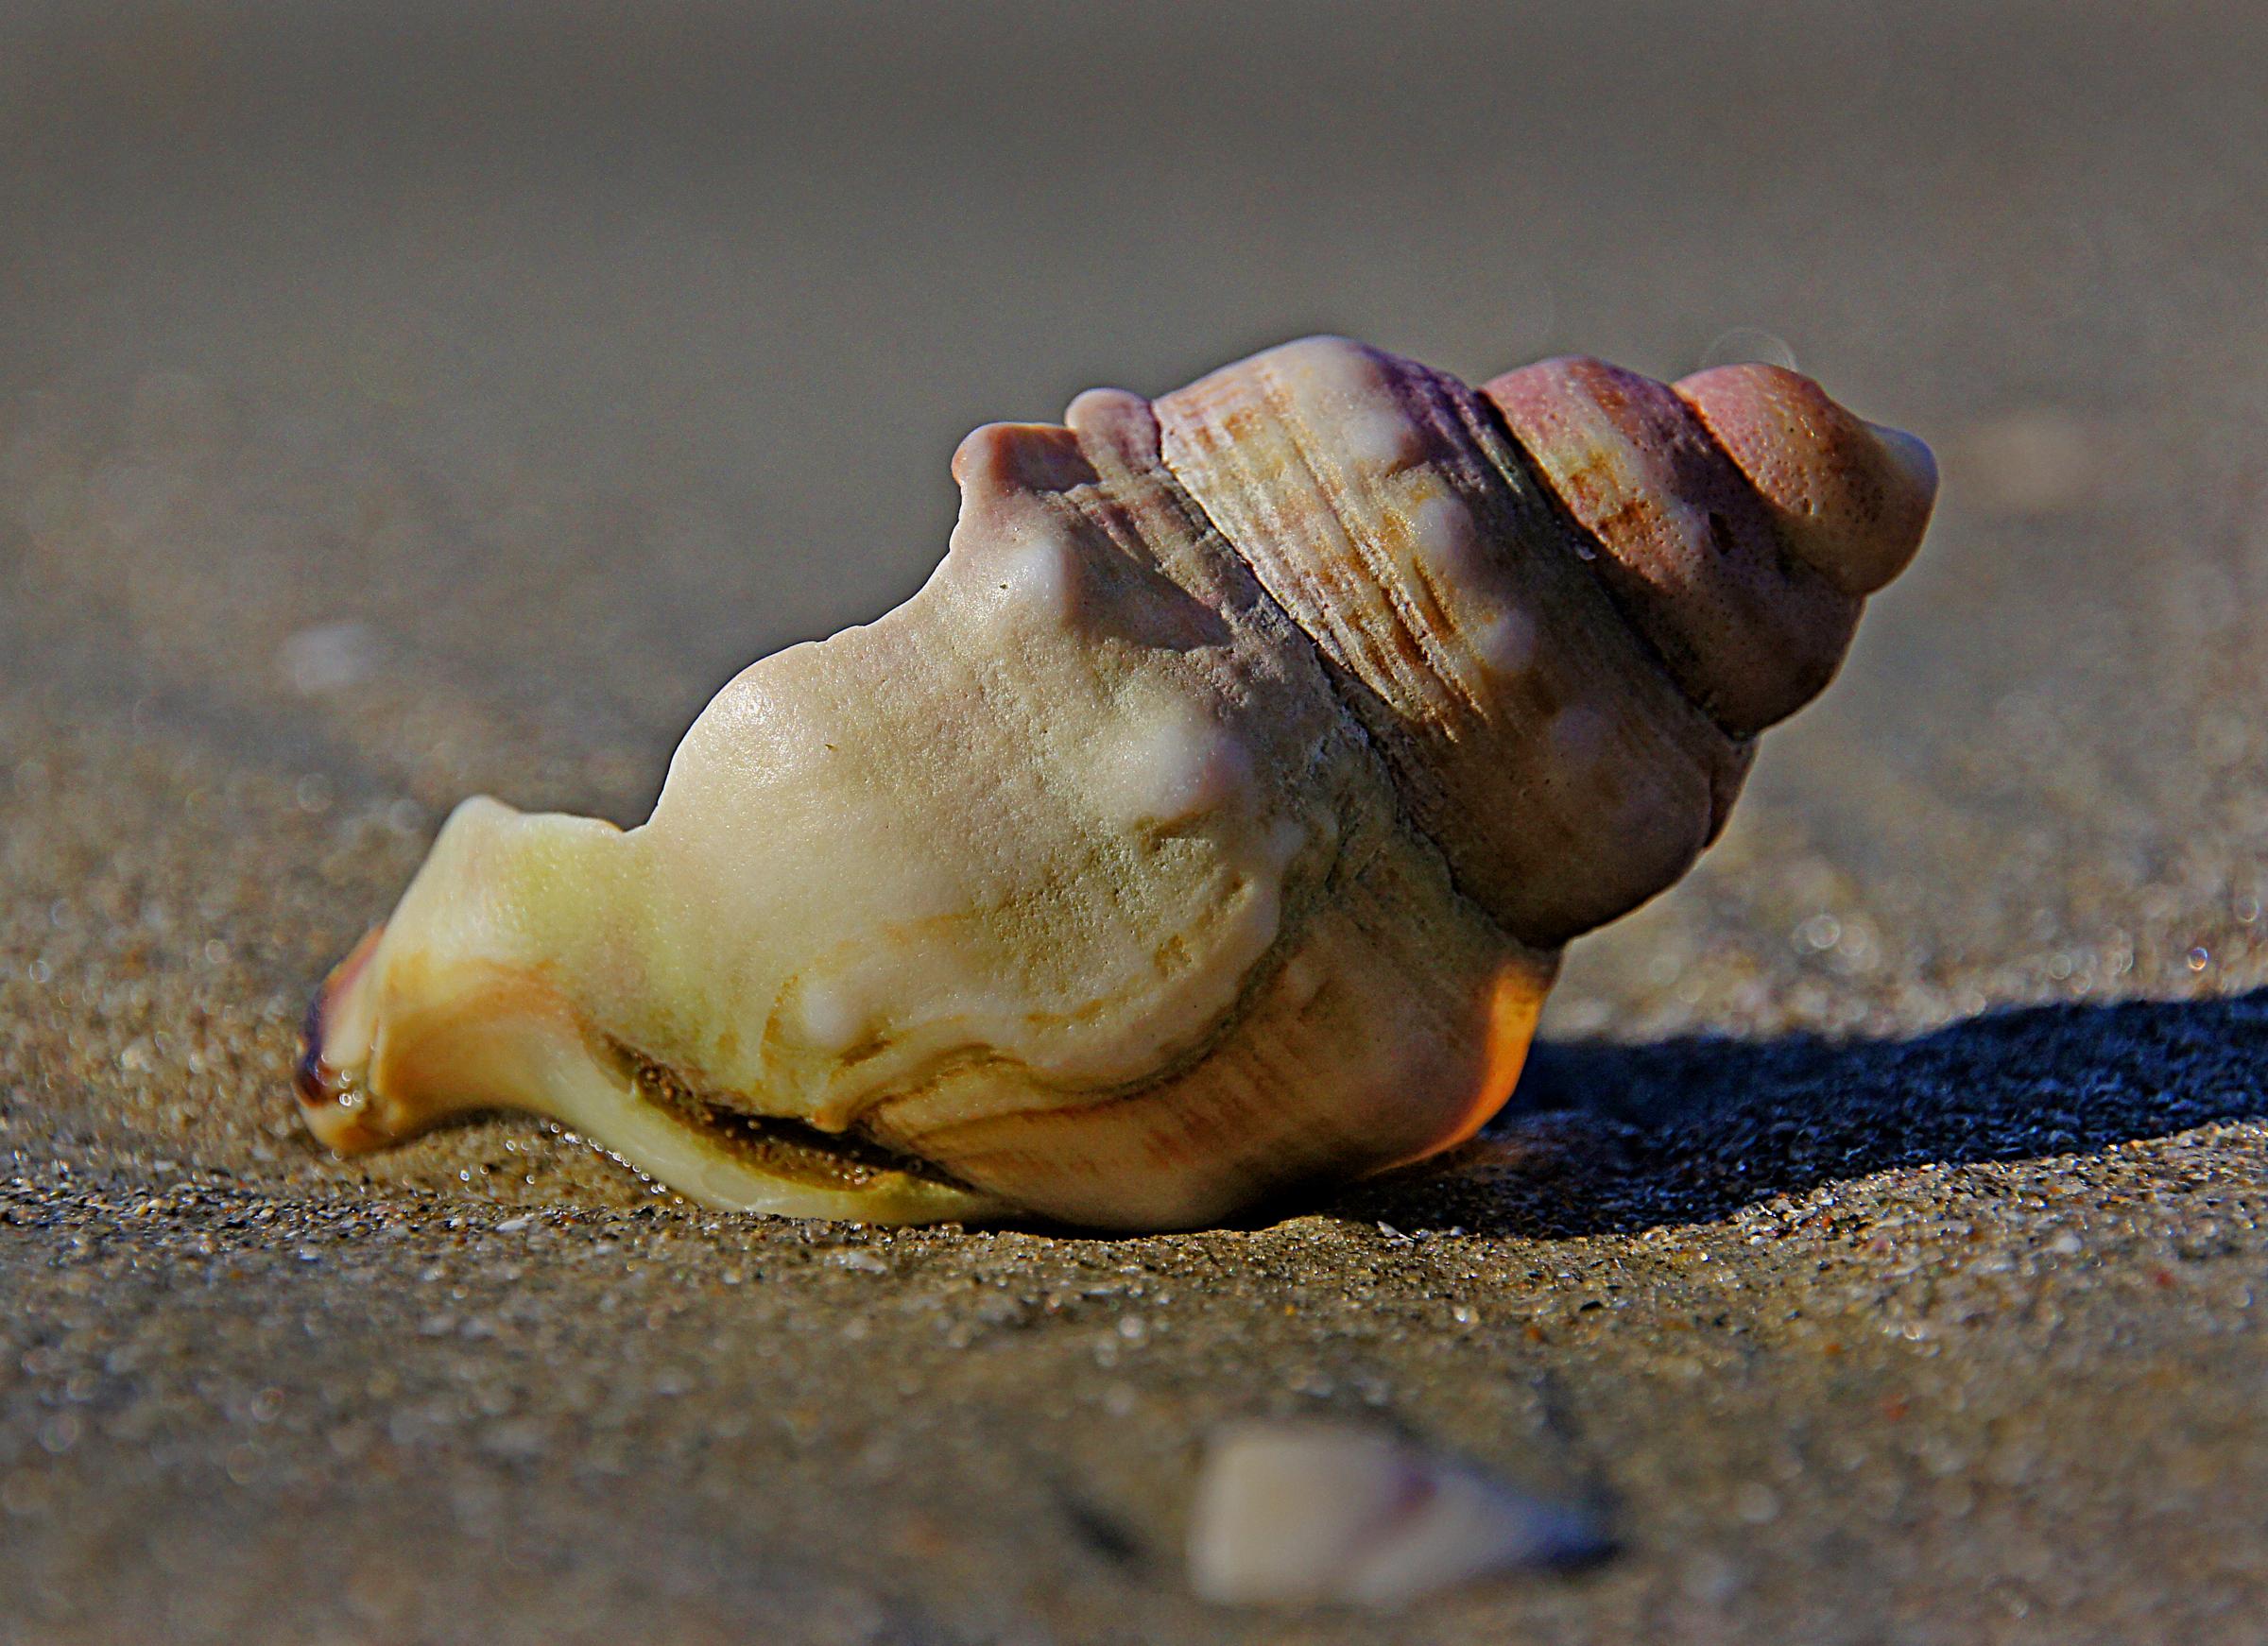 Gambar Tangan Makanan Laut Pantai Laut Bahan Invertebrata